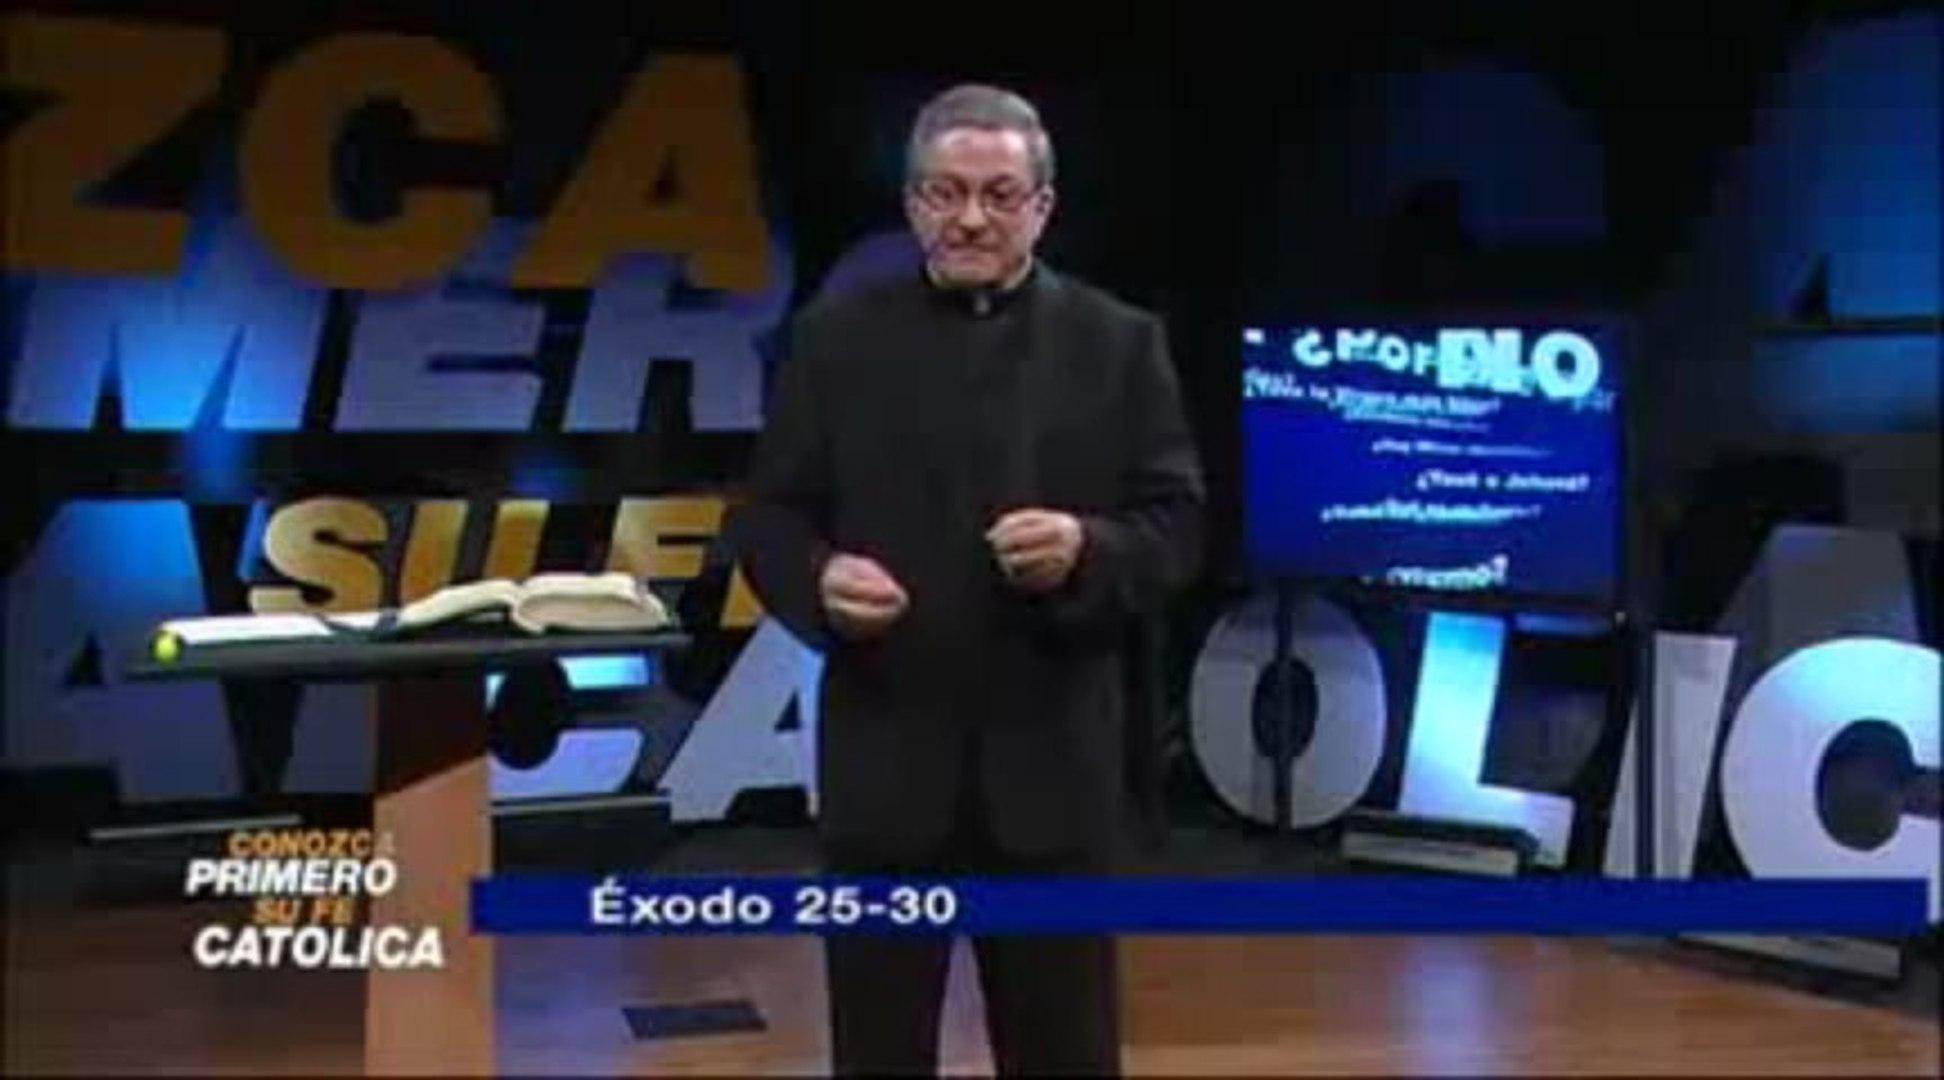 Conozca primero su Fe Católica  - 2013-07-03- La Fe de Tomás, Señor Mío y Dios Mío